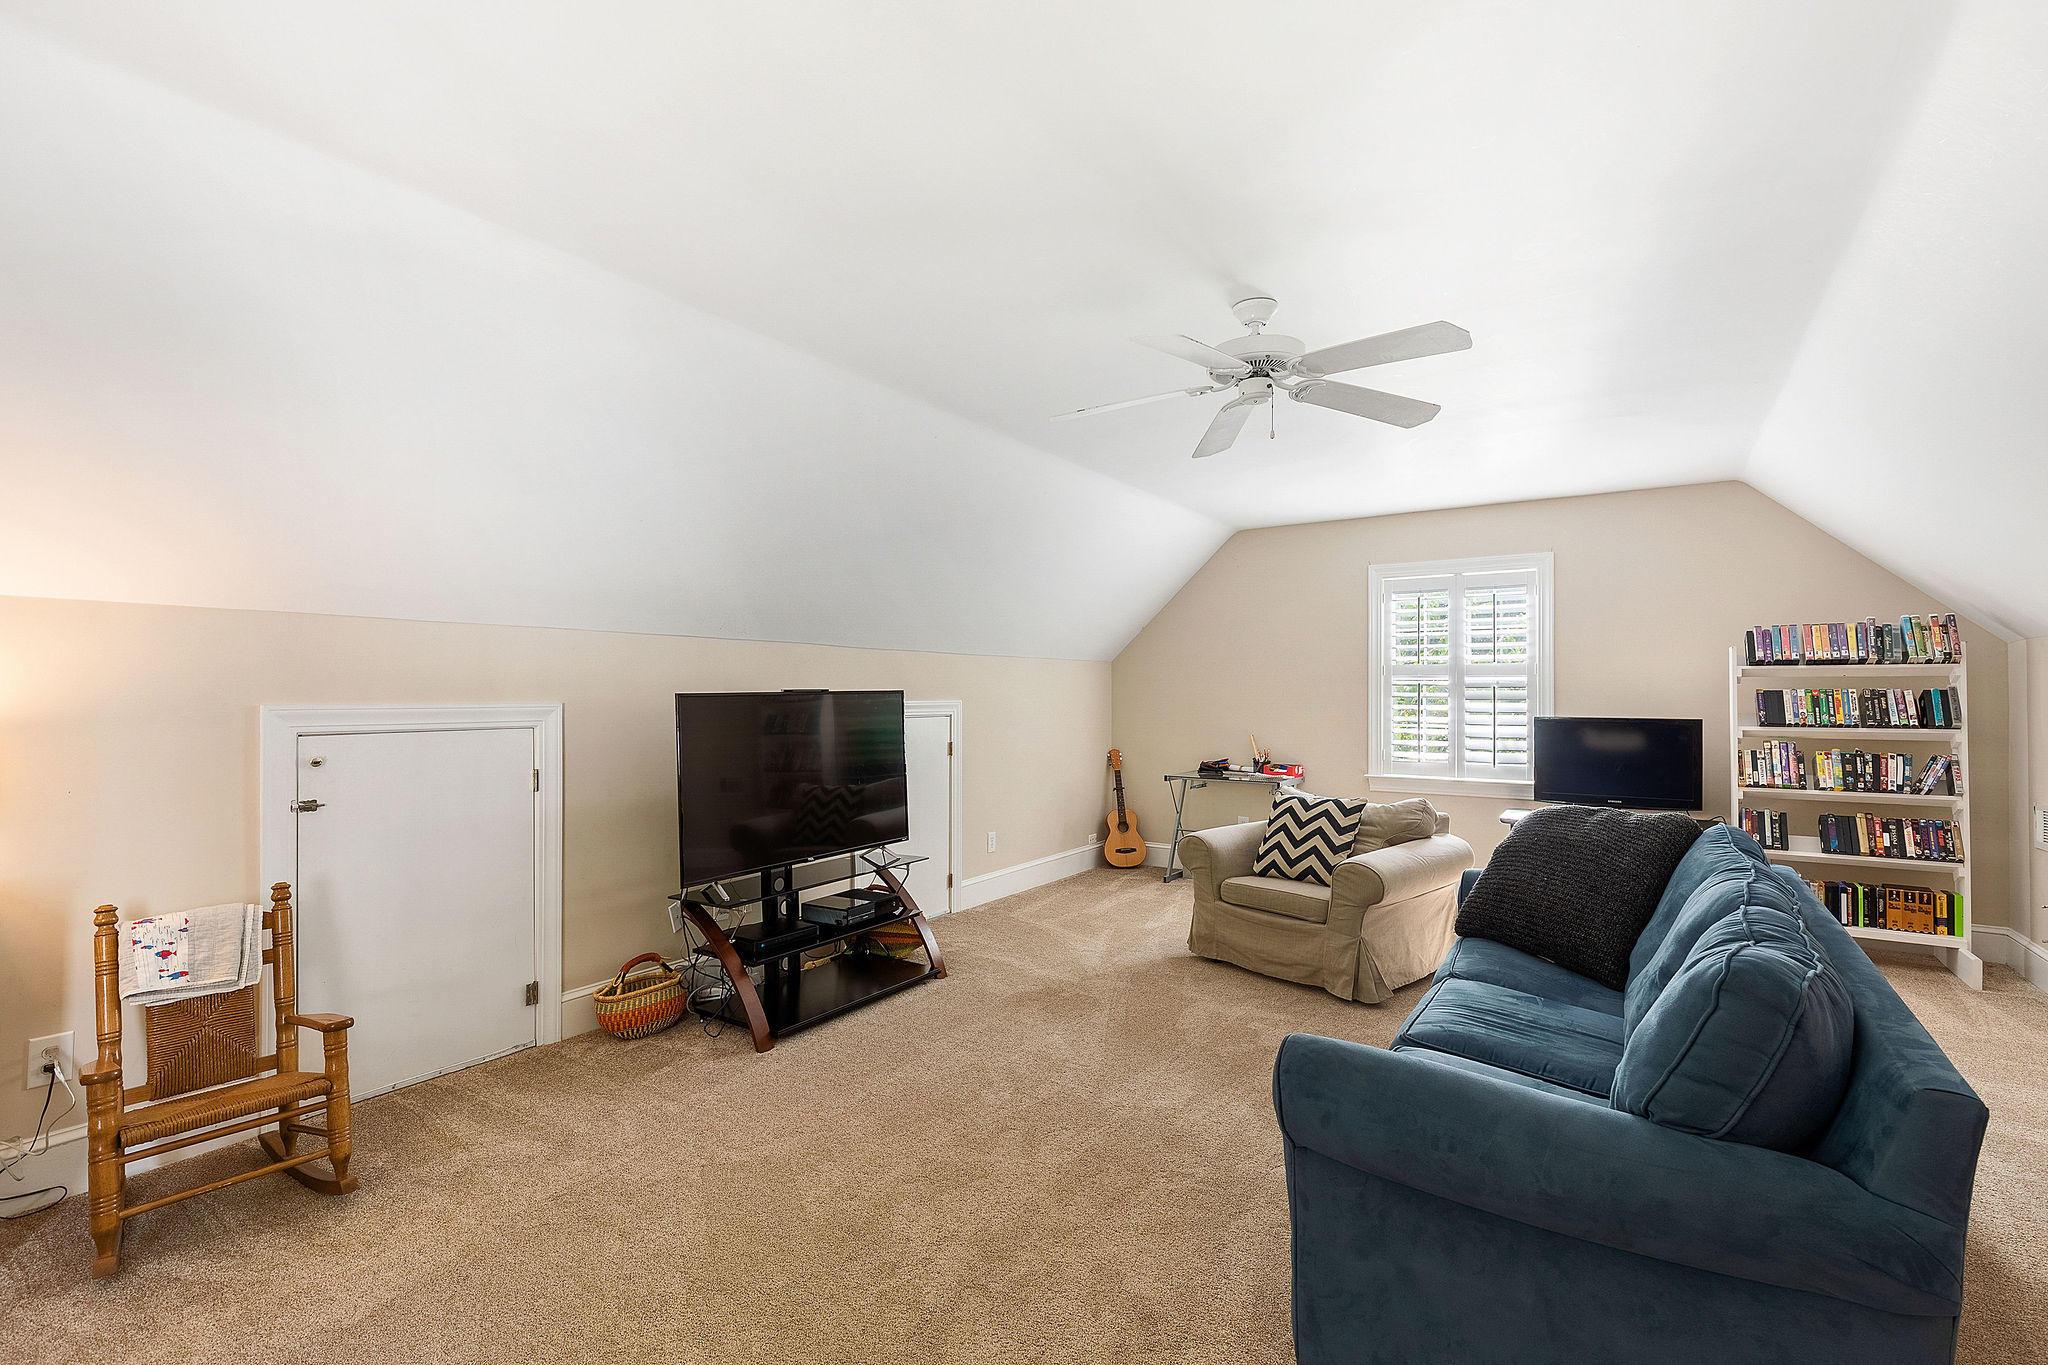 Dunes West Homes For Sale - 3201 Cottonfield, Mount Pleasant, SC - 29